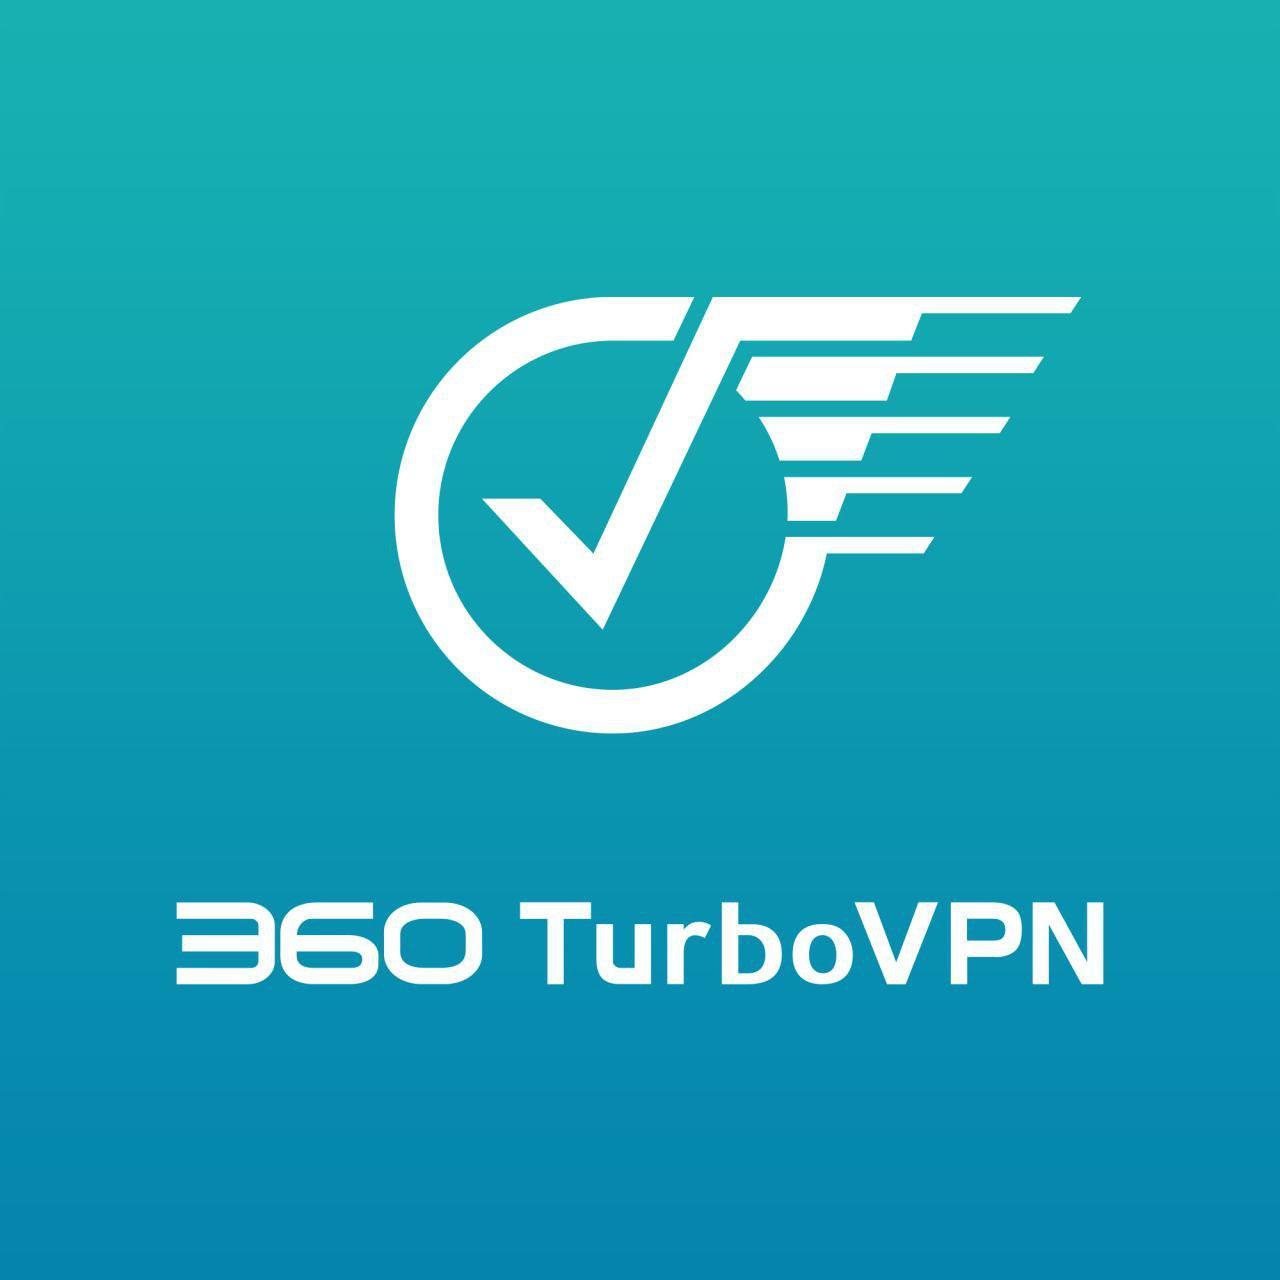 360-turbovpn_6_323052.jpg